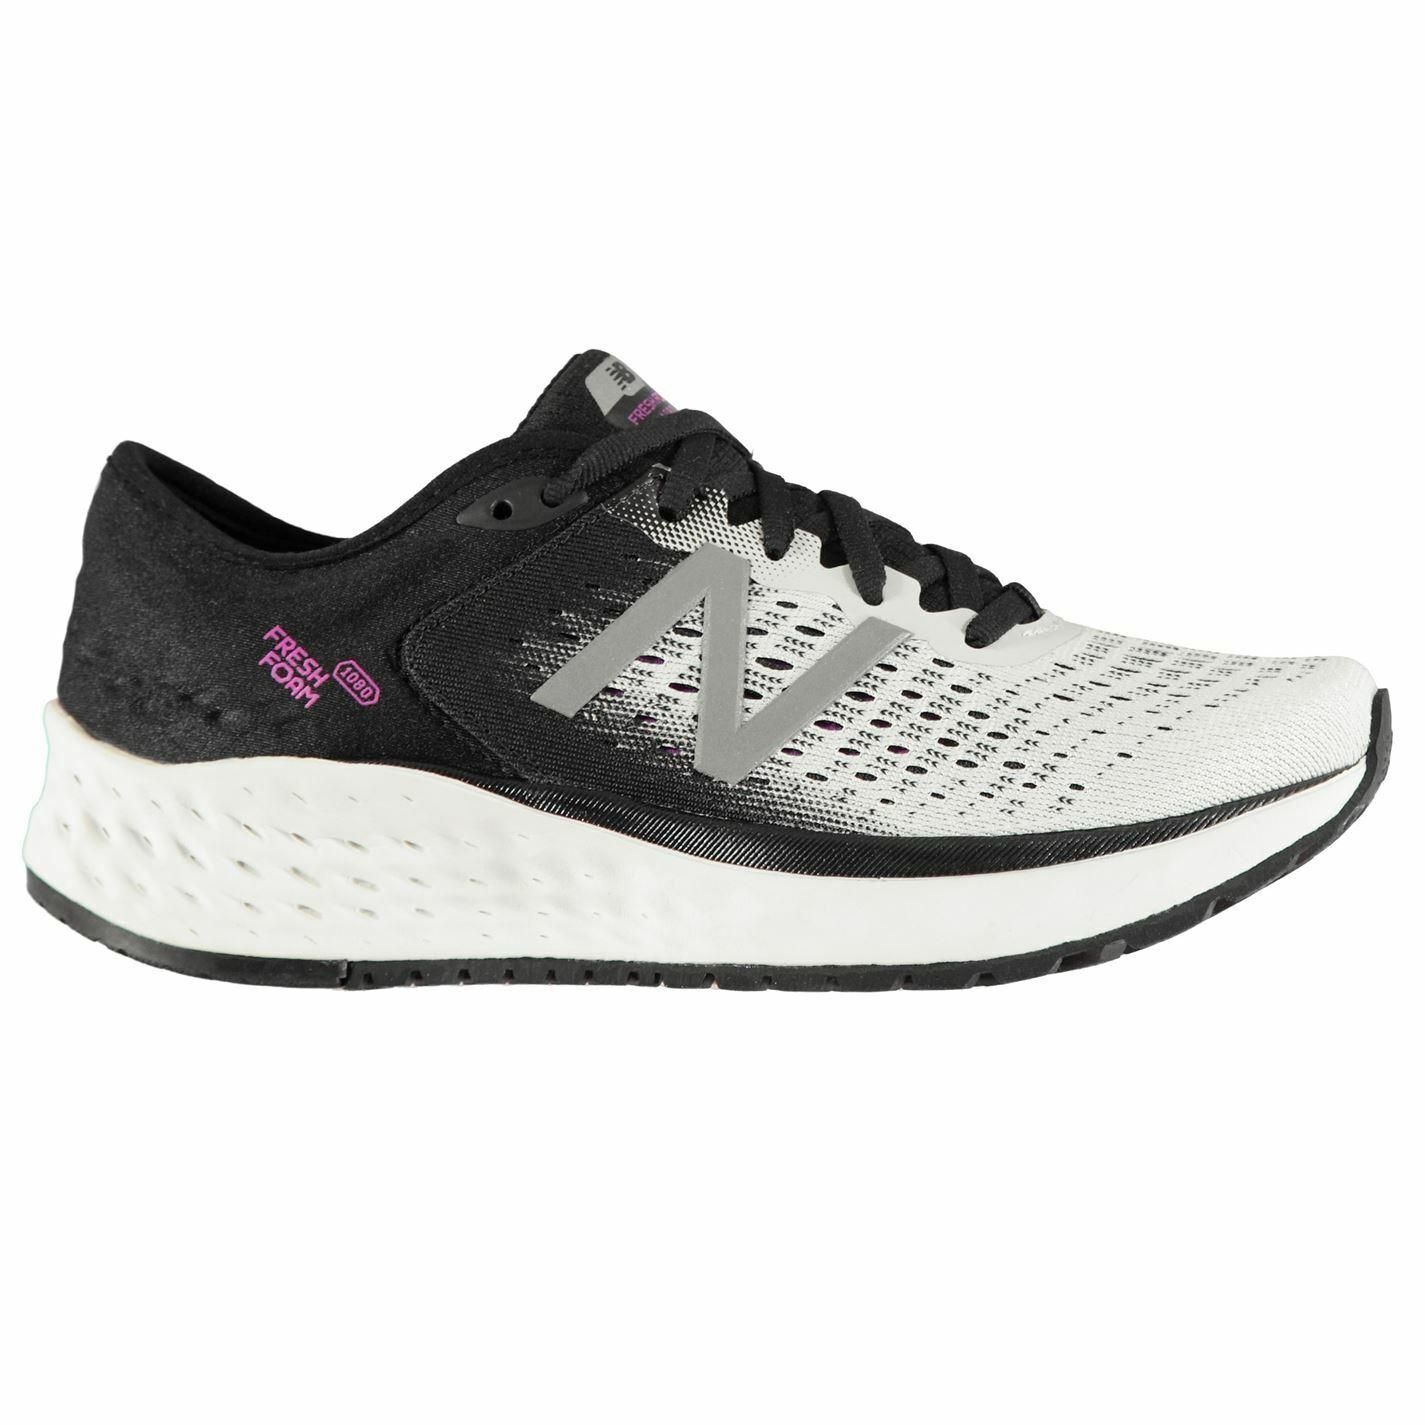 Nuevo balance femenino 1080 - V9 frenos de aire en los zapatos de Cocherera Road